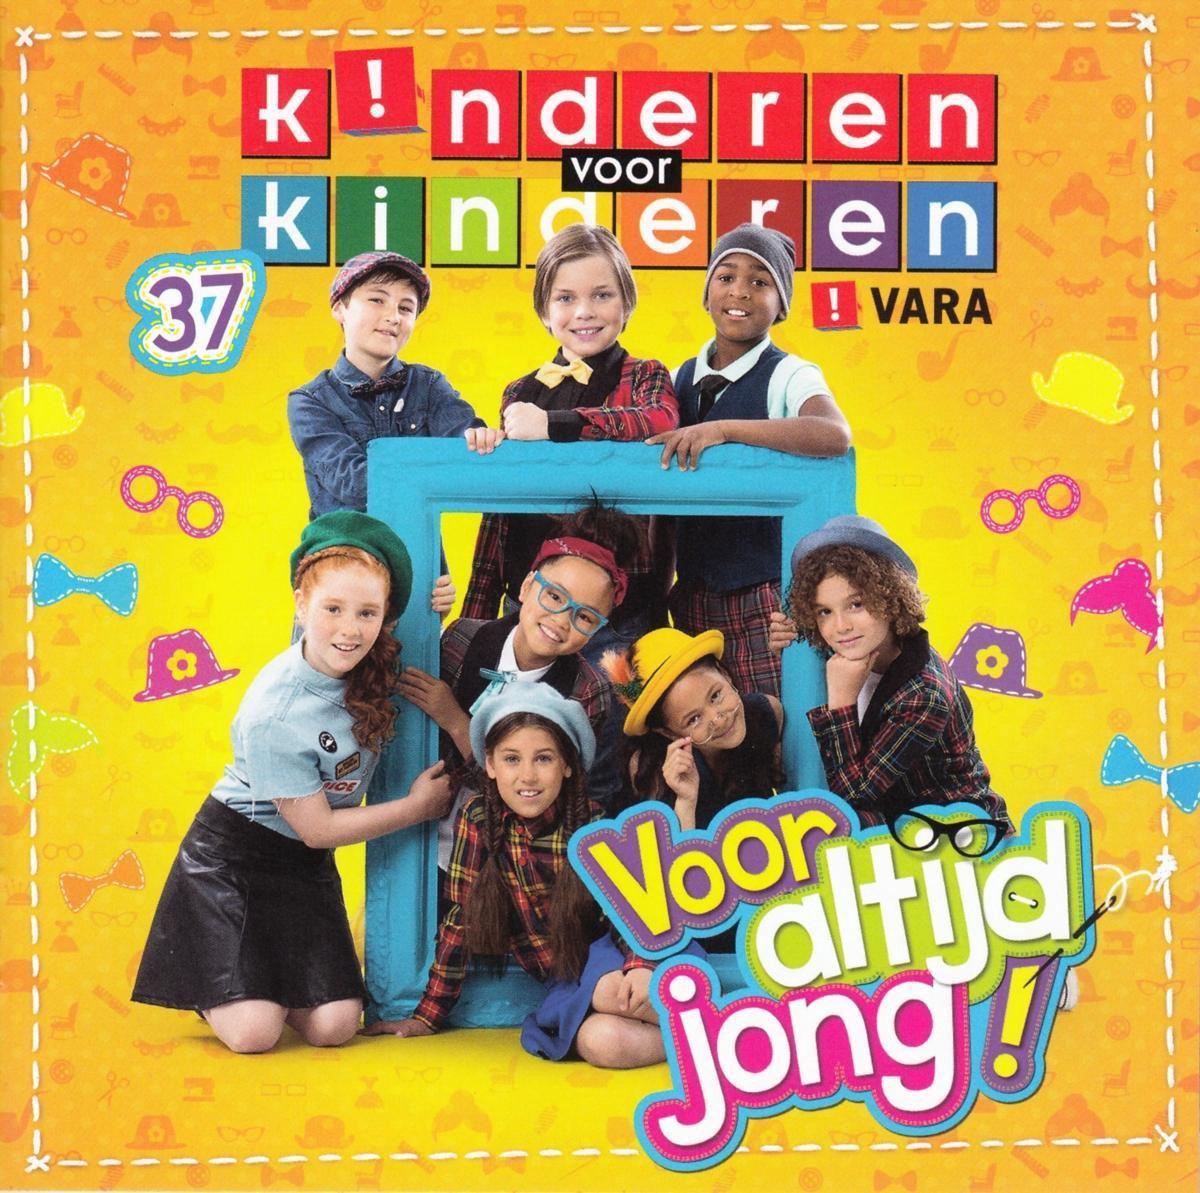 CD Kinderen Voor Kinderen 37 - Voor Altijd Jong - Inclusief Karaoke Nummers - Kinderen voor Kinderen